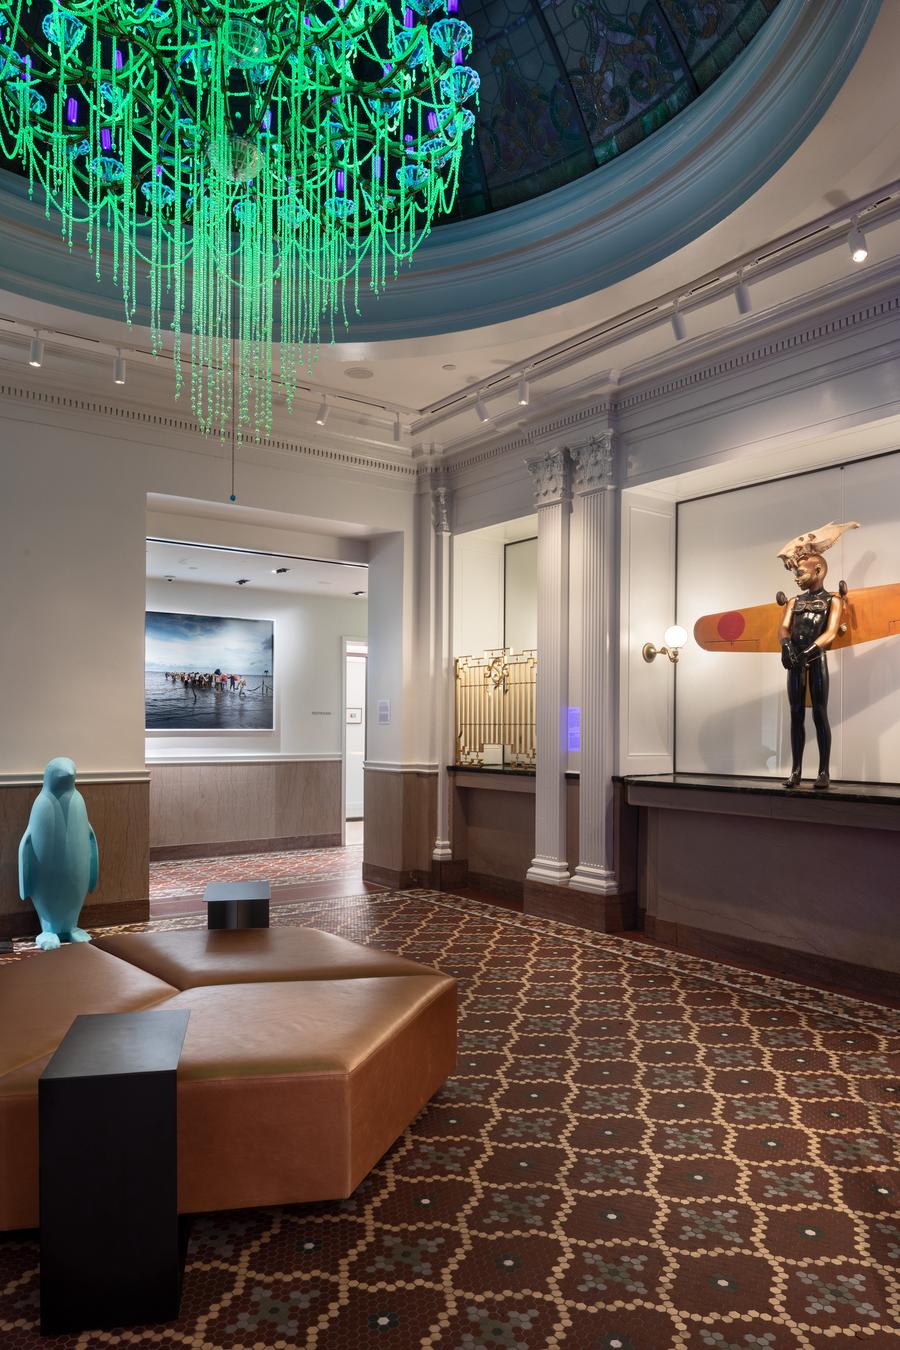 插图 | 21c Museum Hotel ;堪萨斯城 版权 | 图片版权归原摄影师或来源机构所有